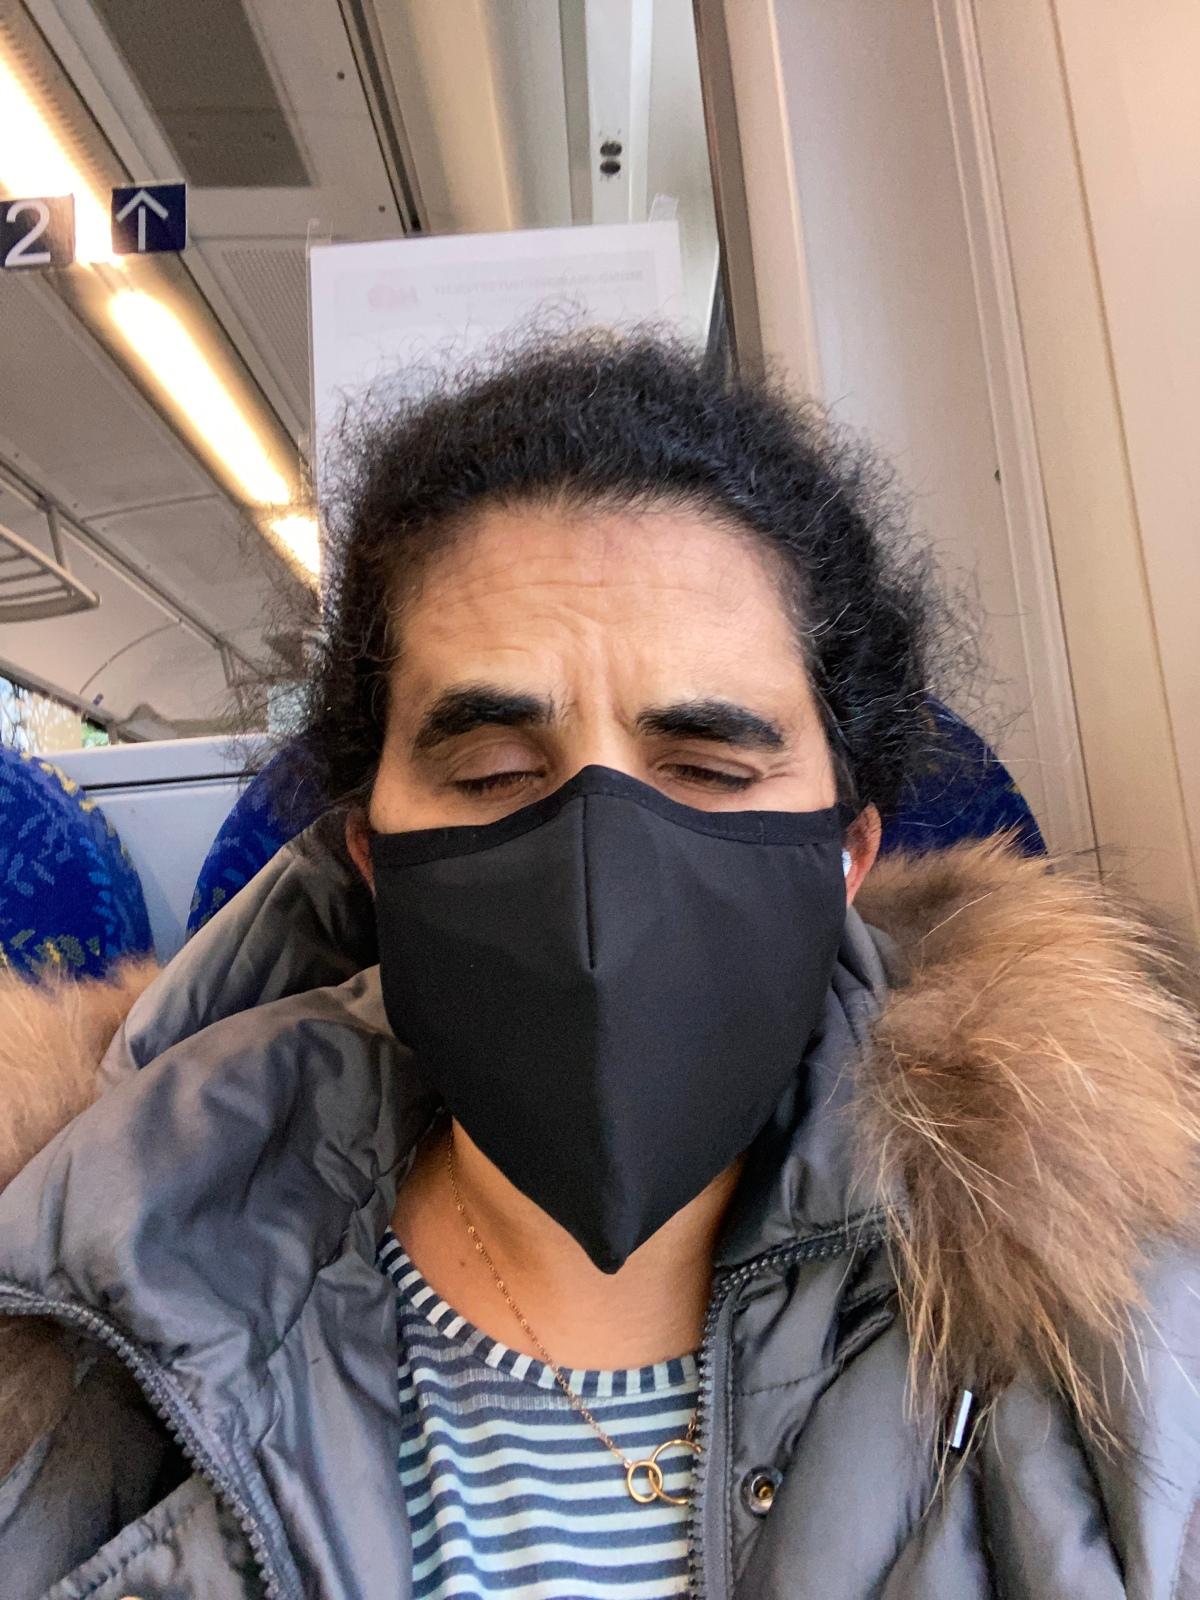 Lydia im Zug mit schwarzem Mundnasenschutz.